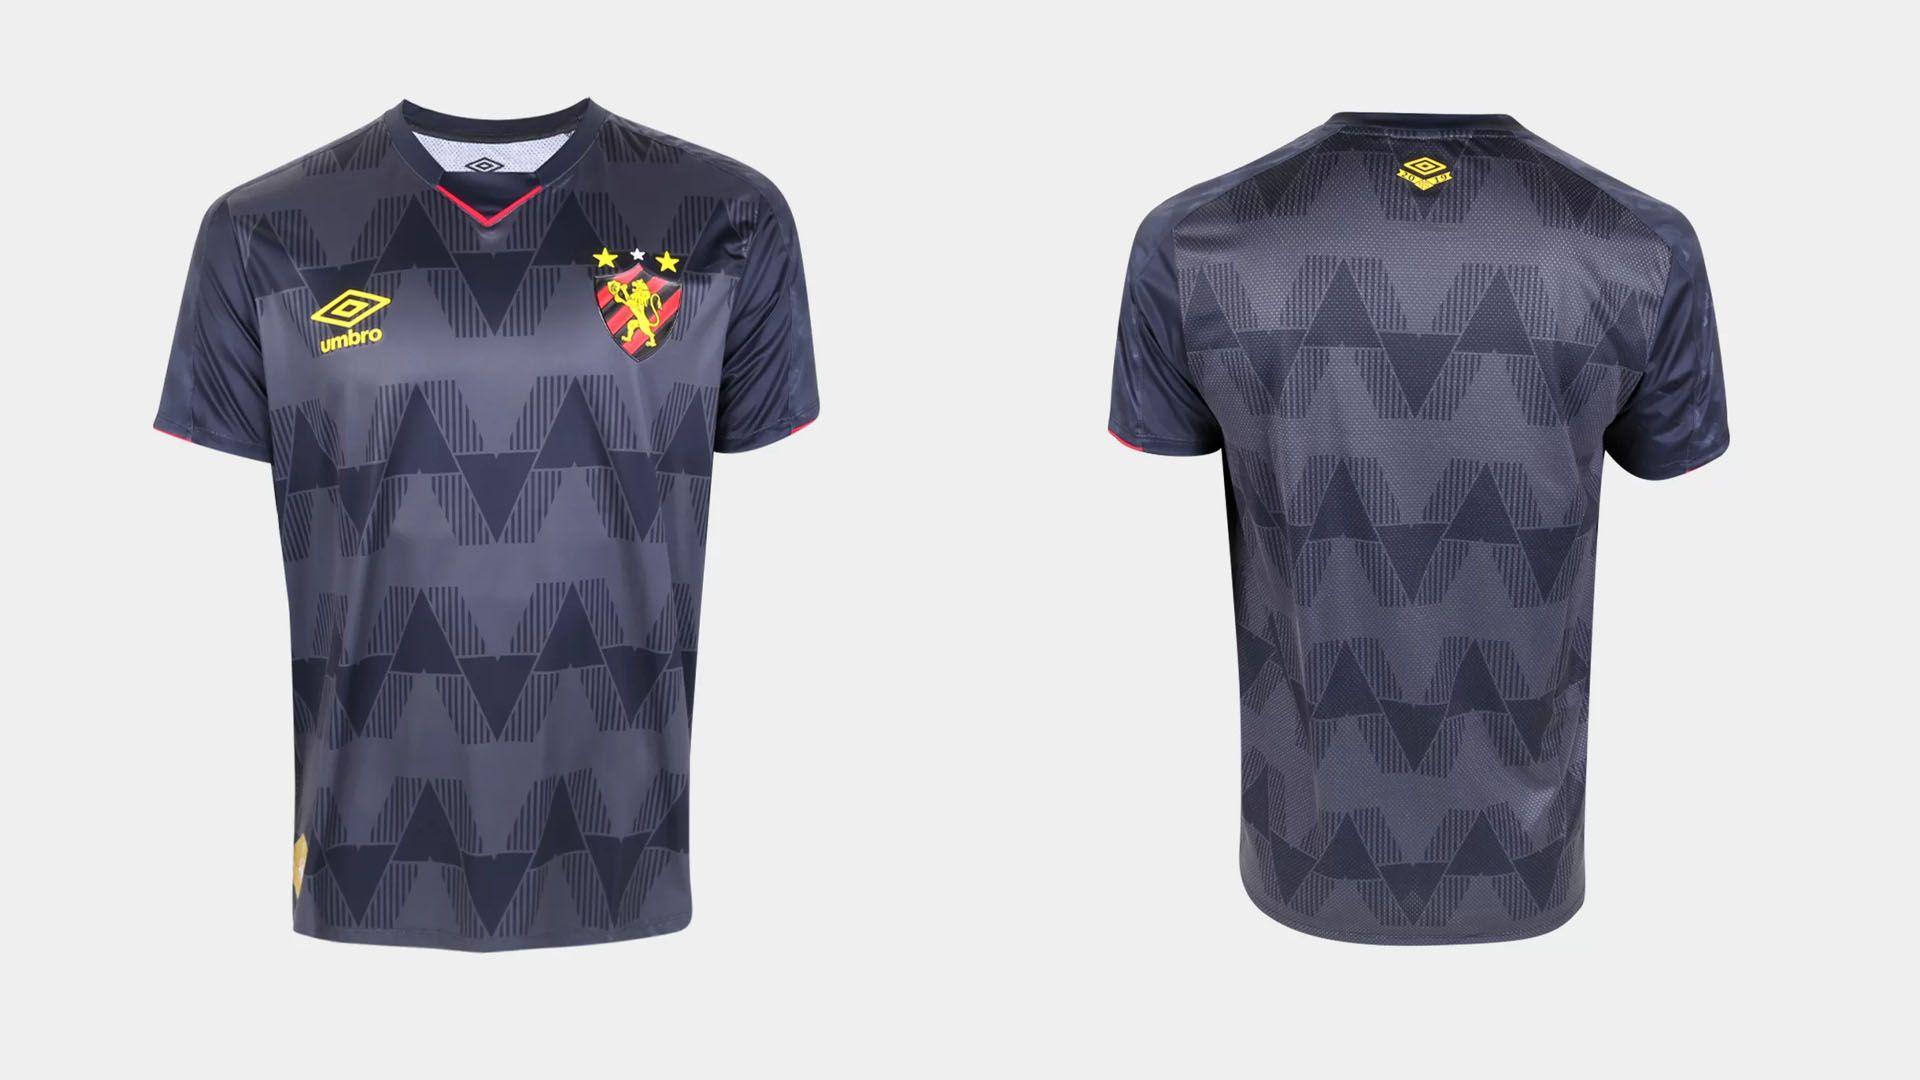 Camisa do Sport 2019 Umbro Jogo 3 (Imagem: Divulgação/Umbro)